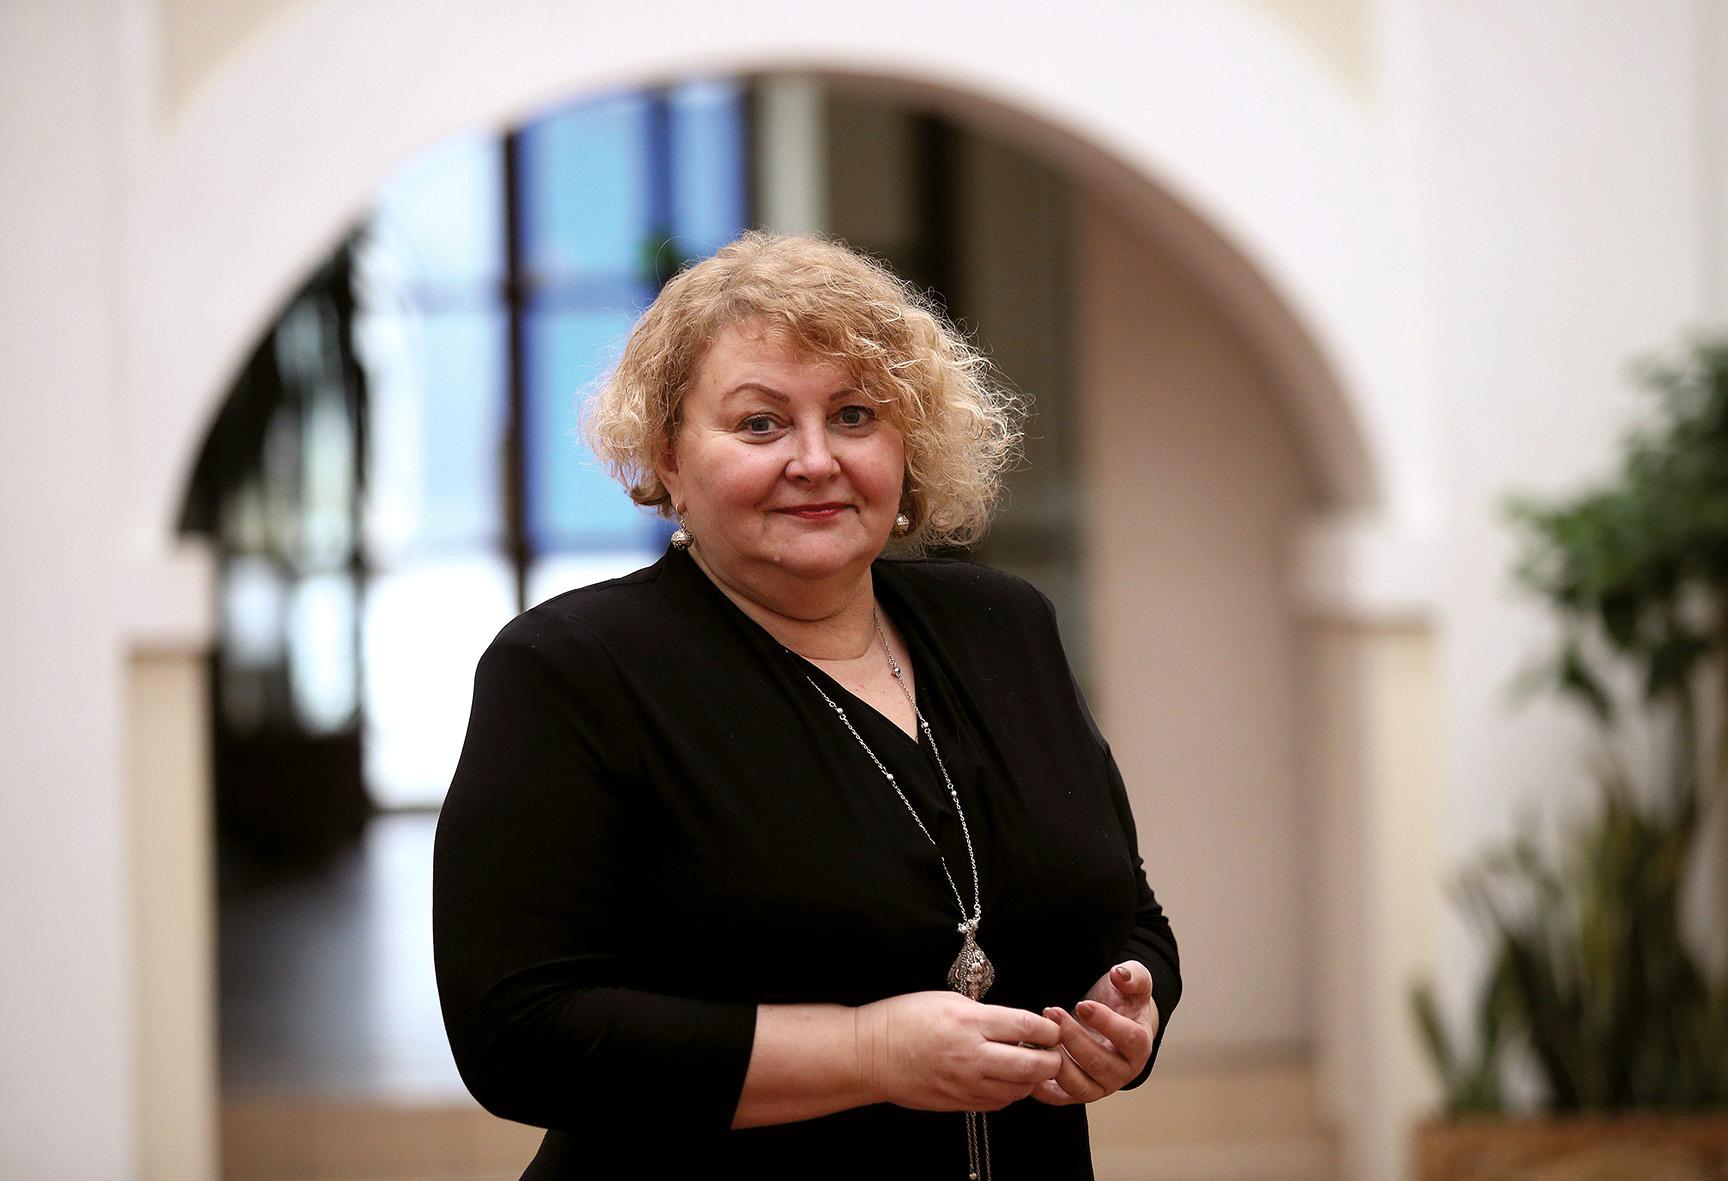 """Kėdainių Šviesiosios gimnazijos direktorė Violeta Liutkienė atkreipė dėmesį, kad geri mokyklos rezultatai motyvuoja ir mokytojus, ir pačius mokinius. Algimanto Barzdžiaus/""""Rinkos aikštės"""" archyvo nuotr."""